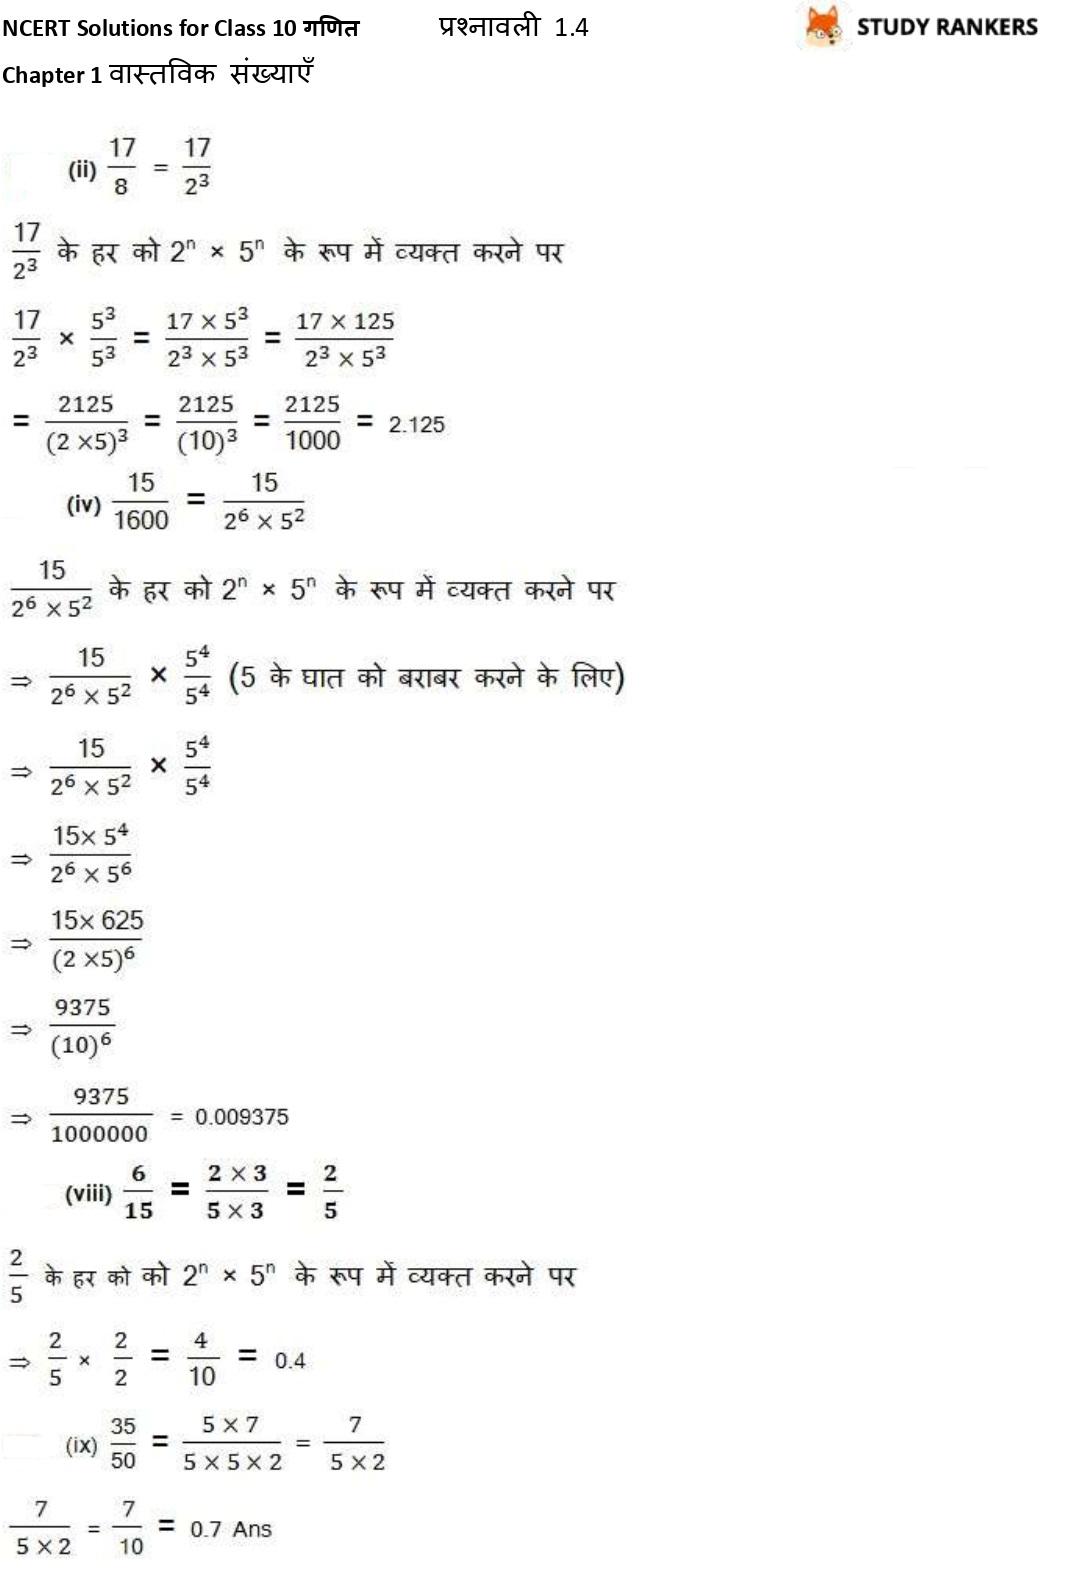 NCERT Solutions for Class 10 Maths Chapter 1 वास्तविक संख्याएँ प्रश्नावली 1.4 Part 4